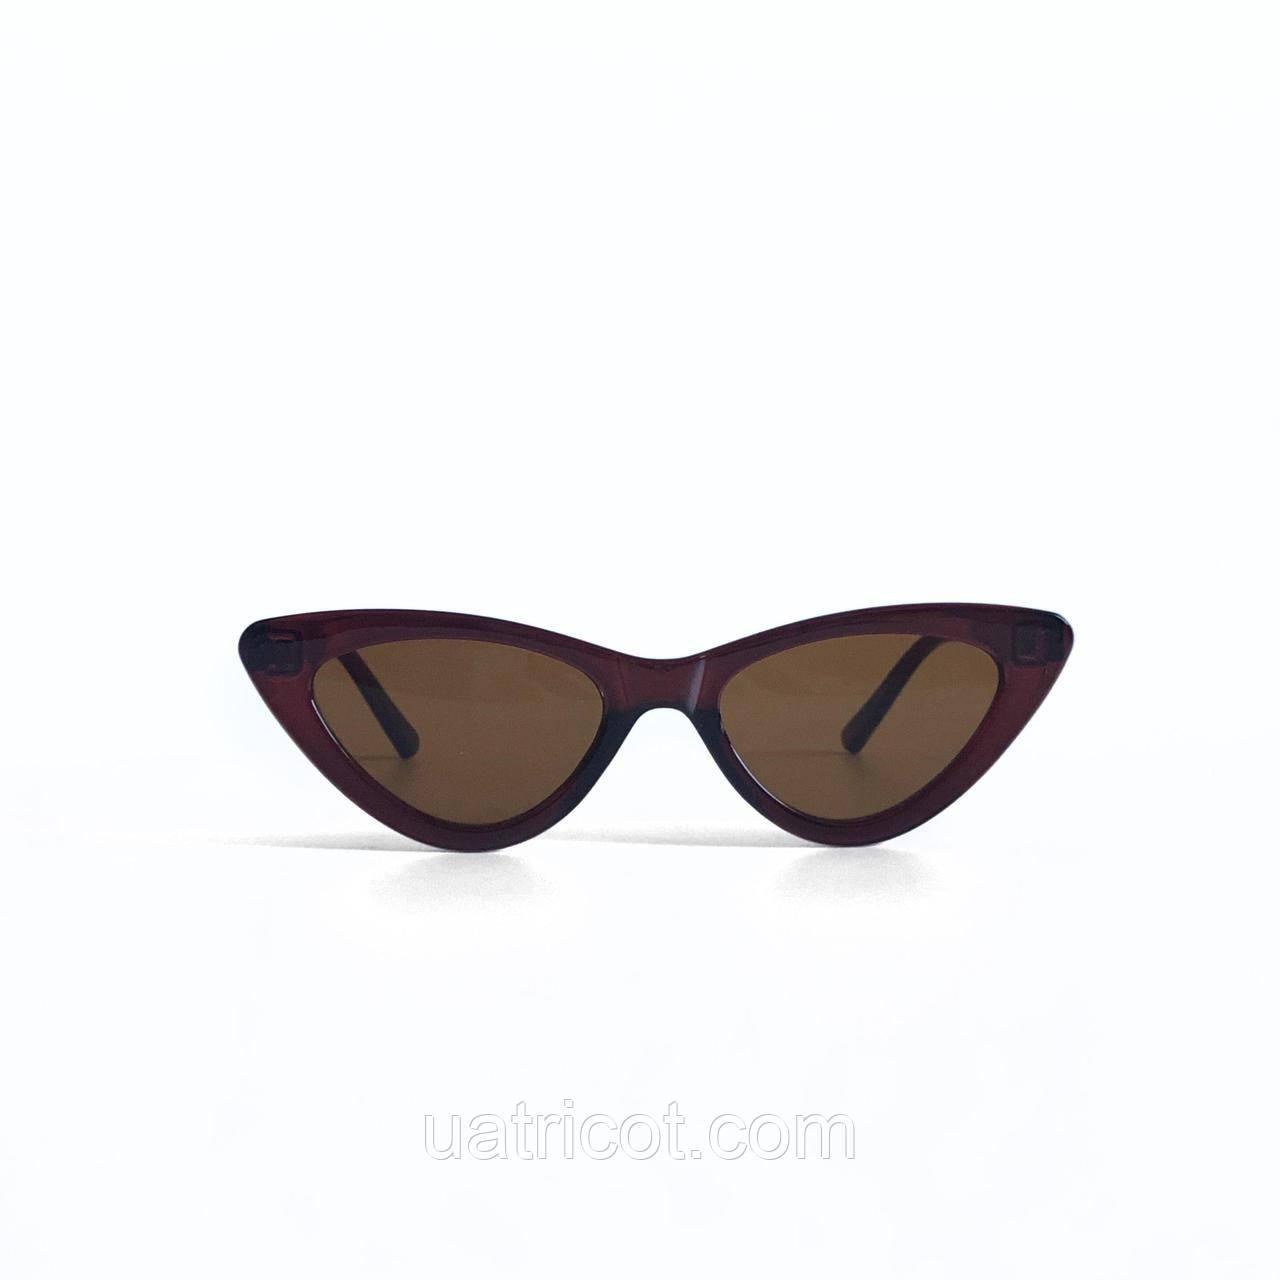 Женские солнцезащитные очки лисички Vogue в коричневой оправе